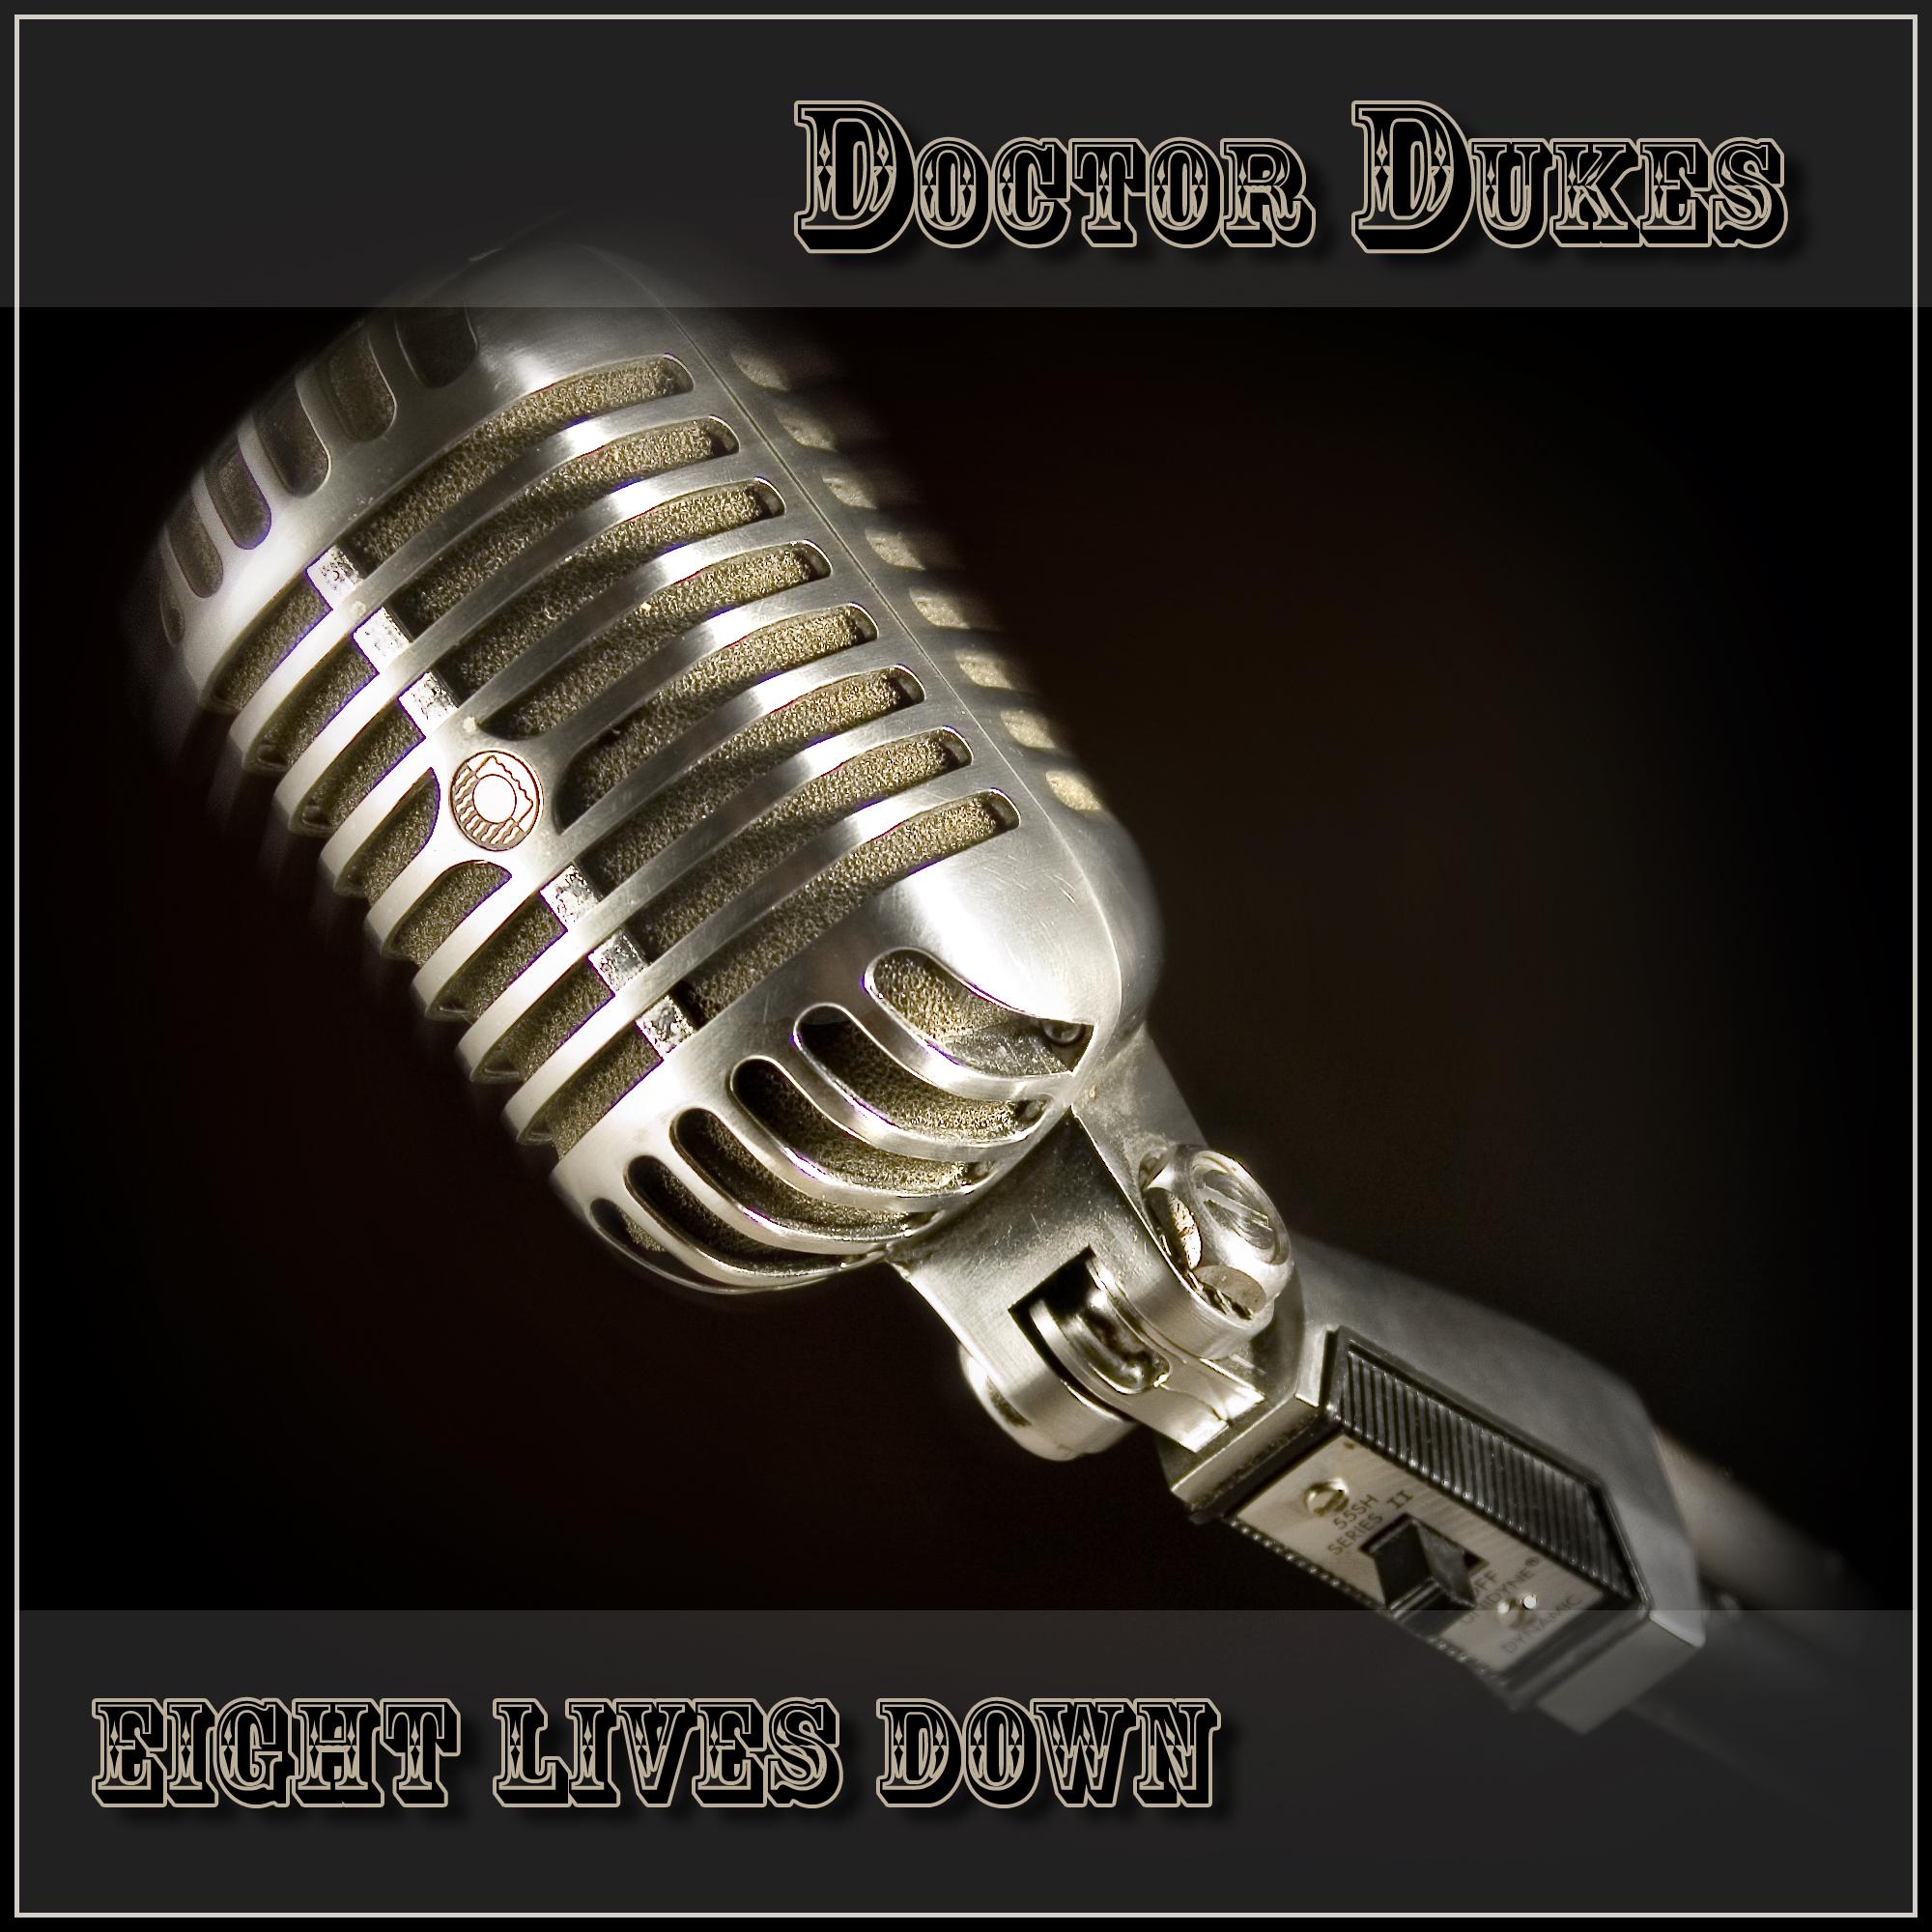 steve-dukes-front-cover-flat.jpg